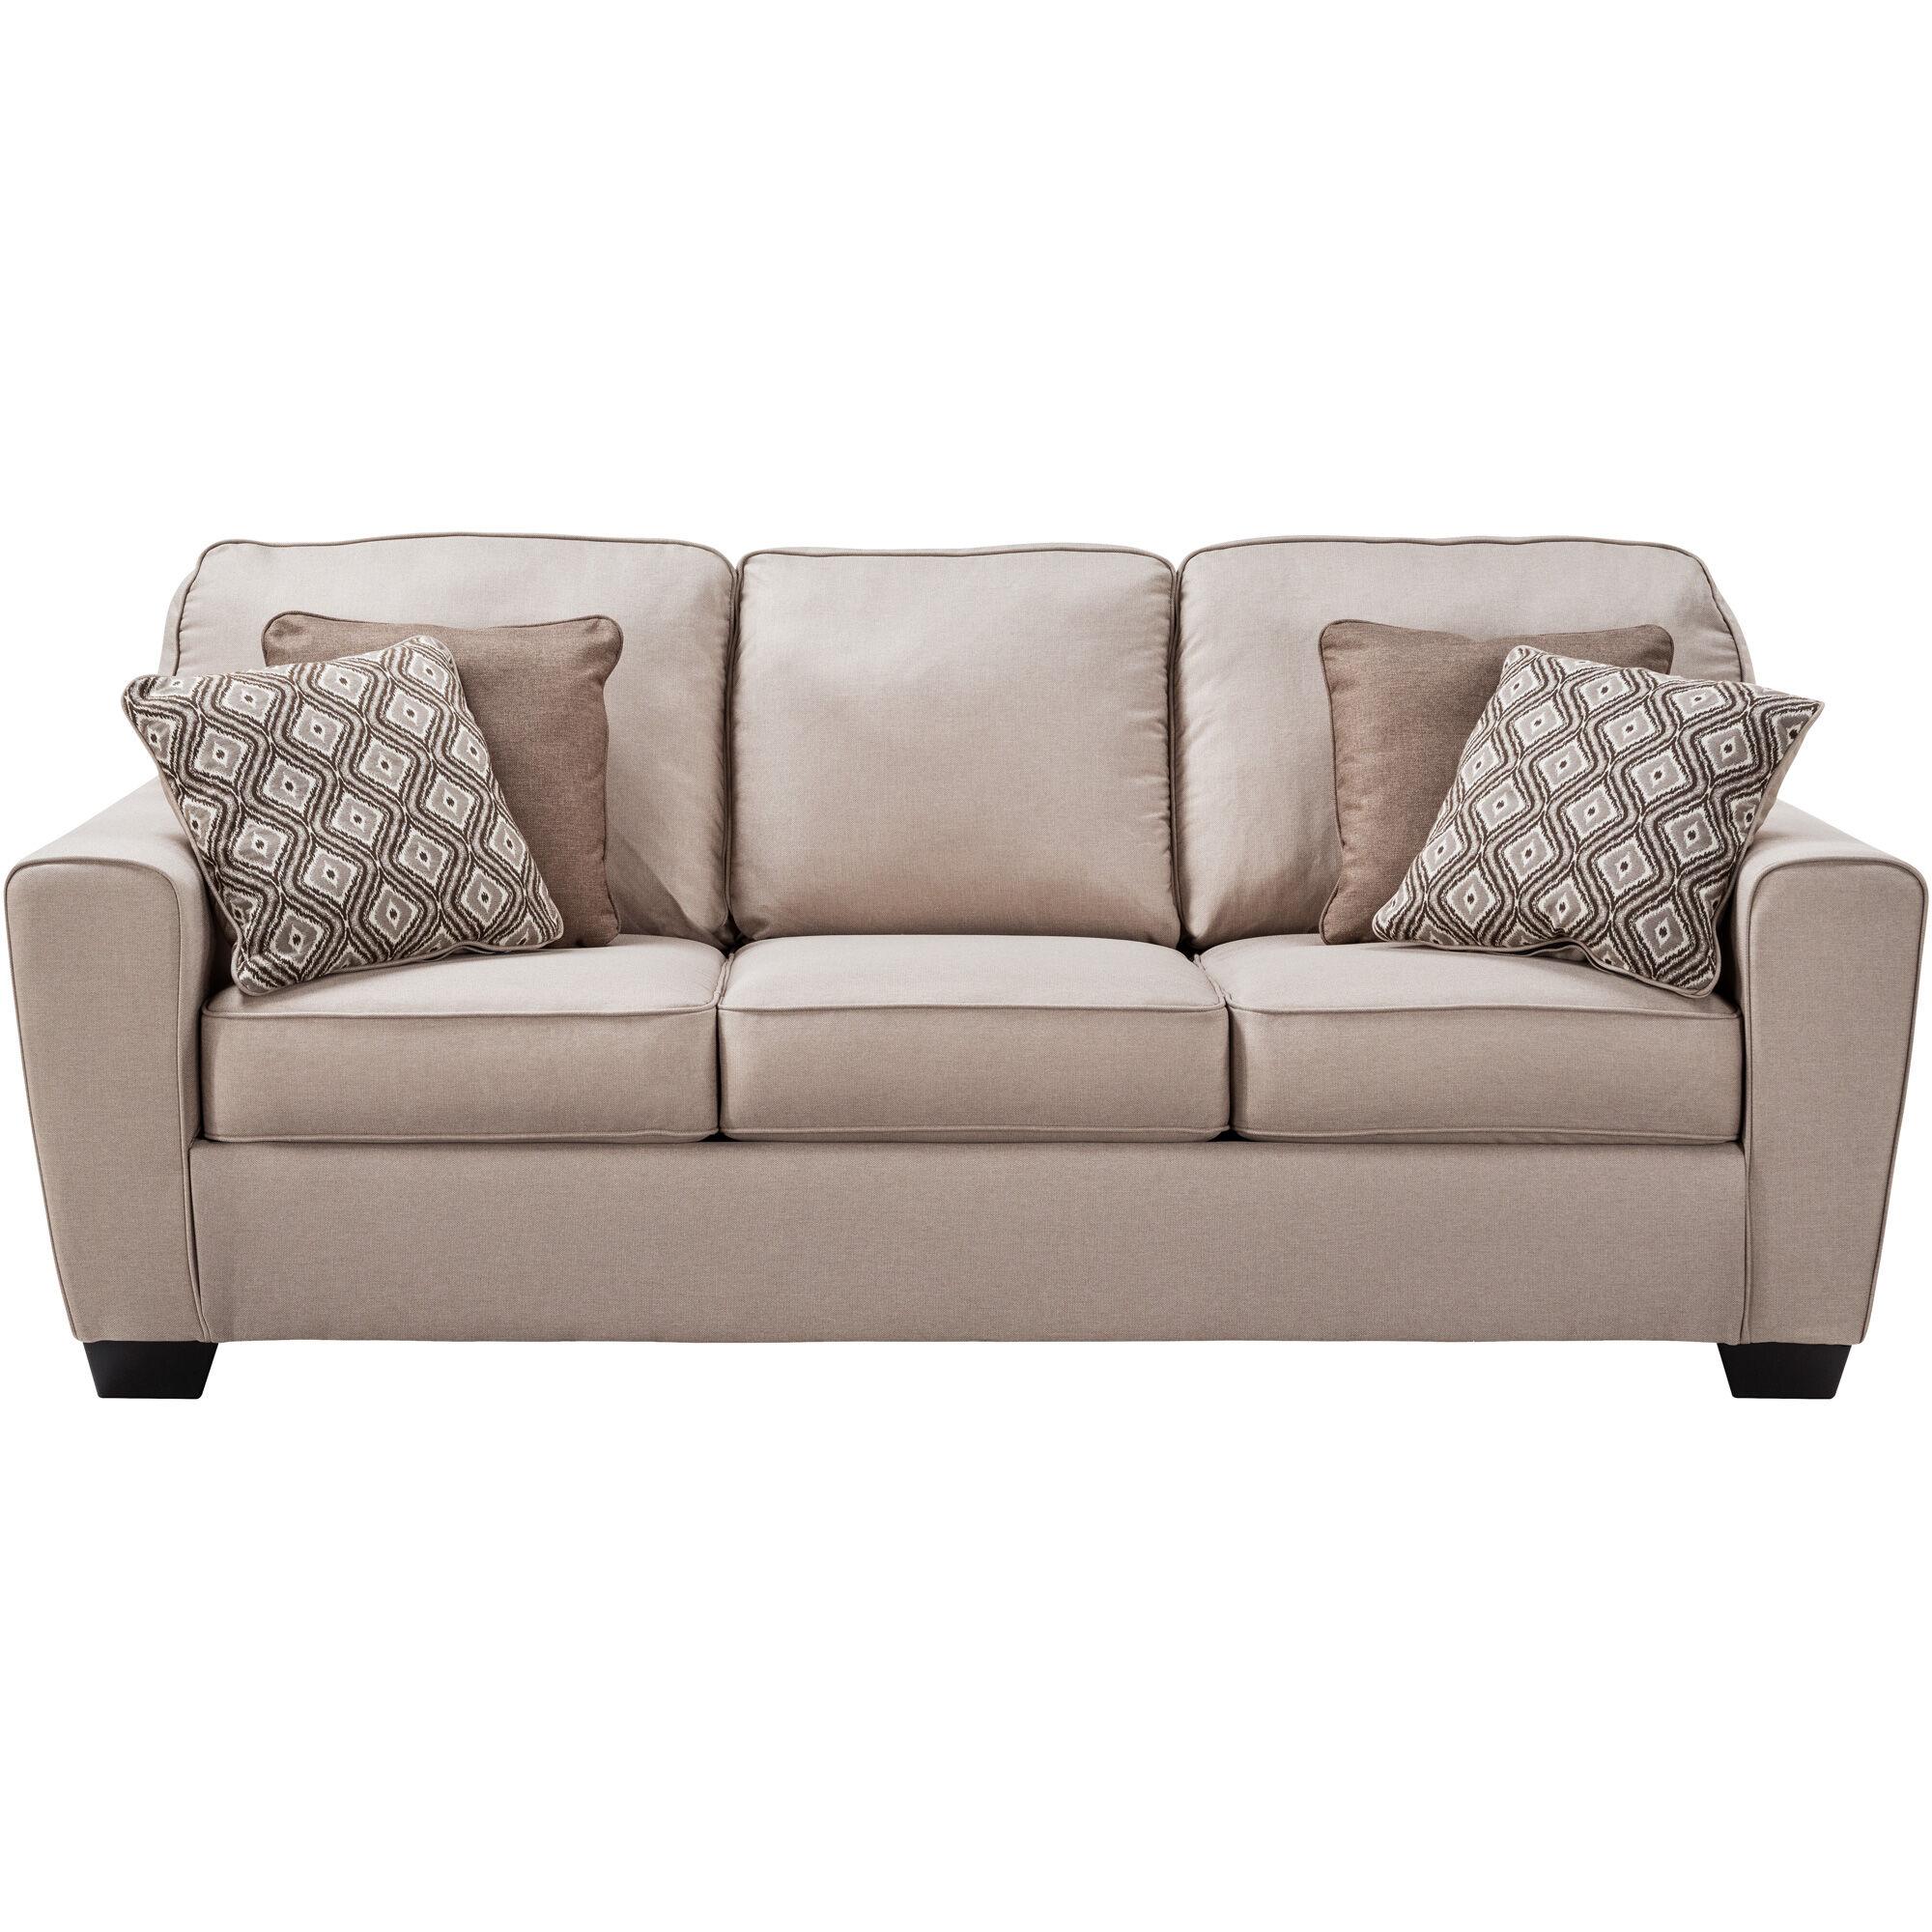 Slumberland furniture wales room group - Slumberland living room furniture ...